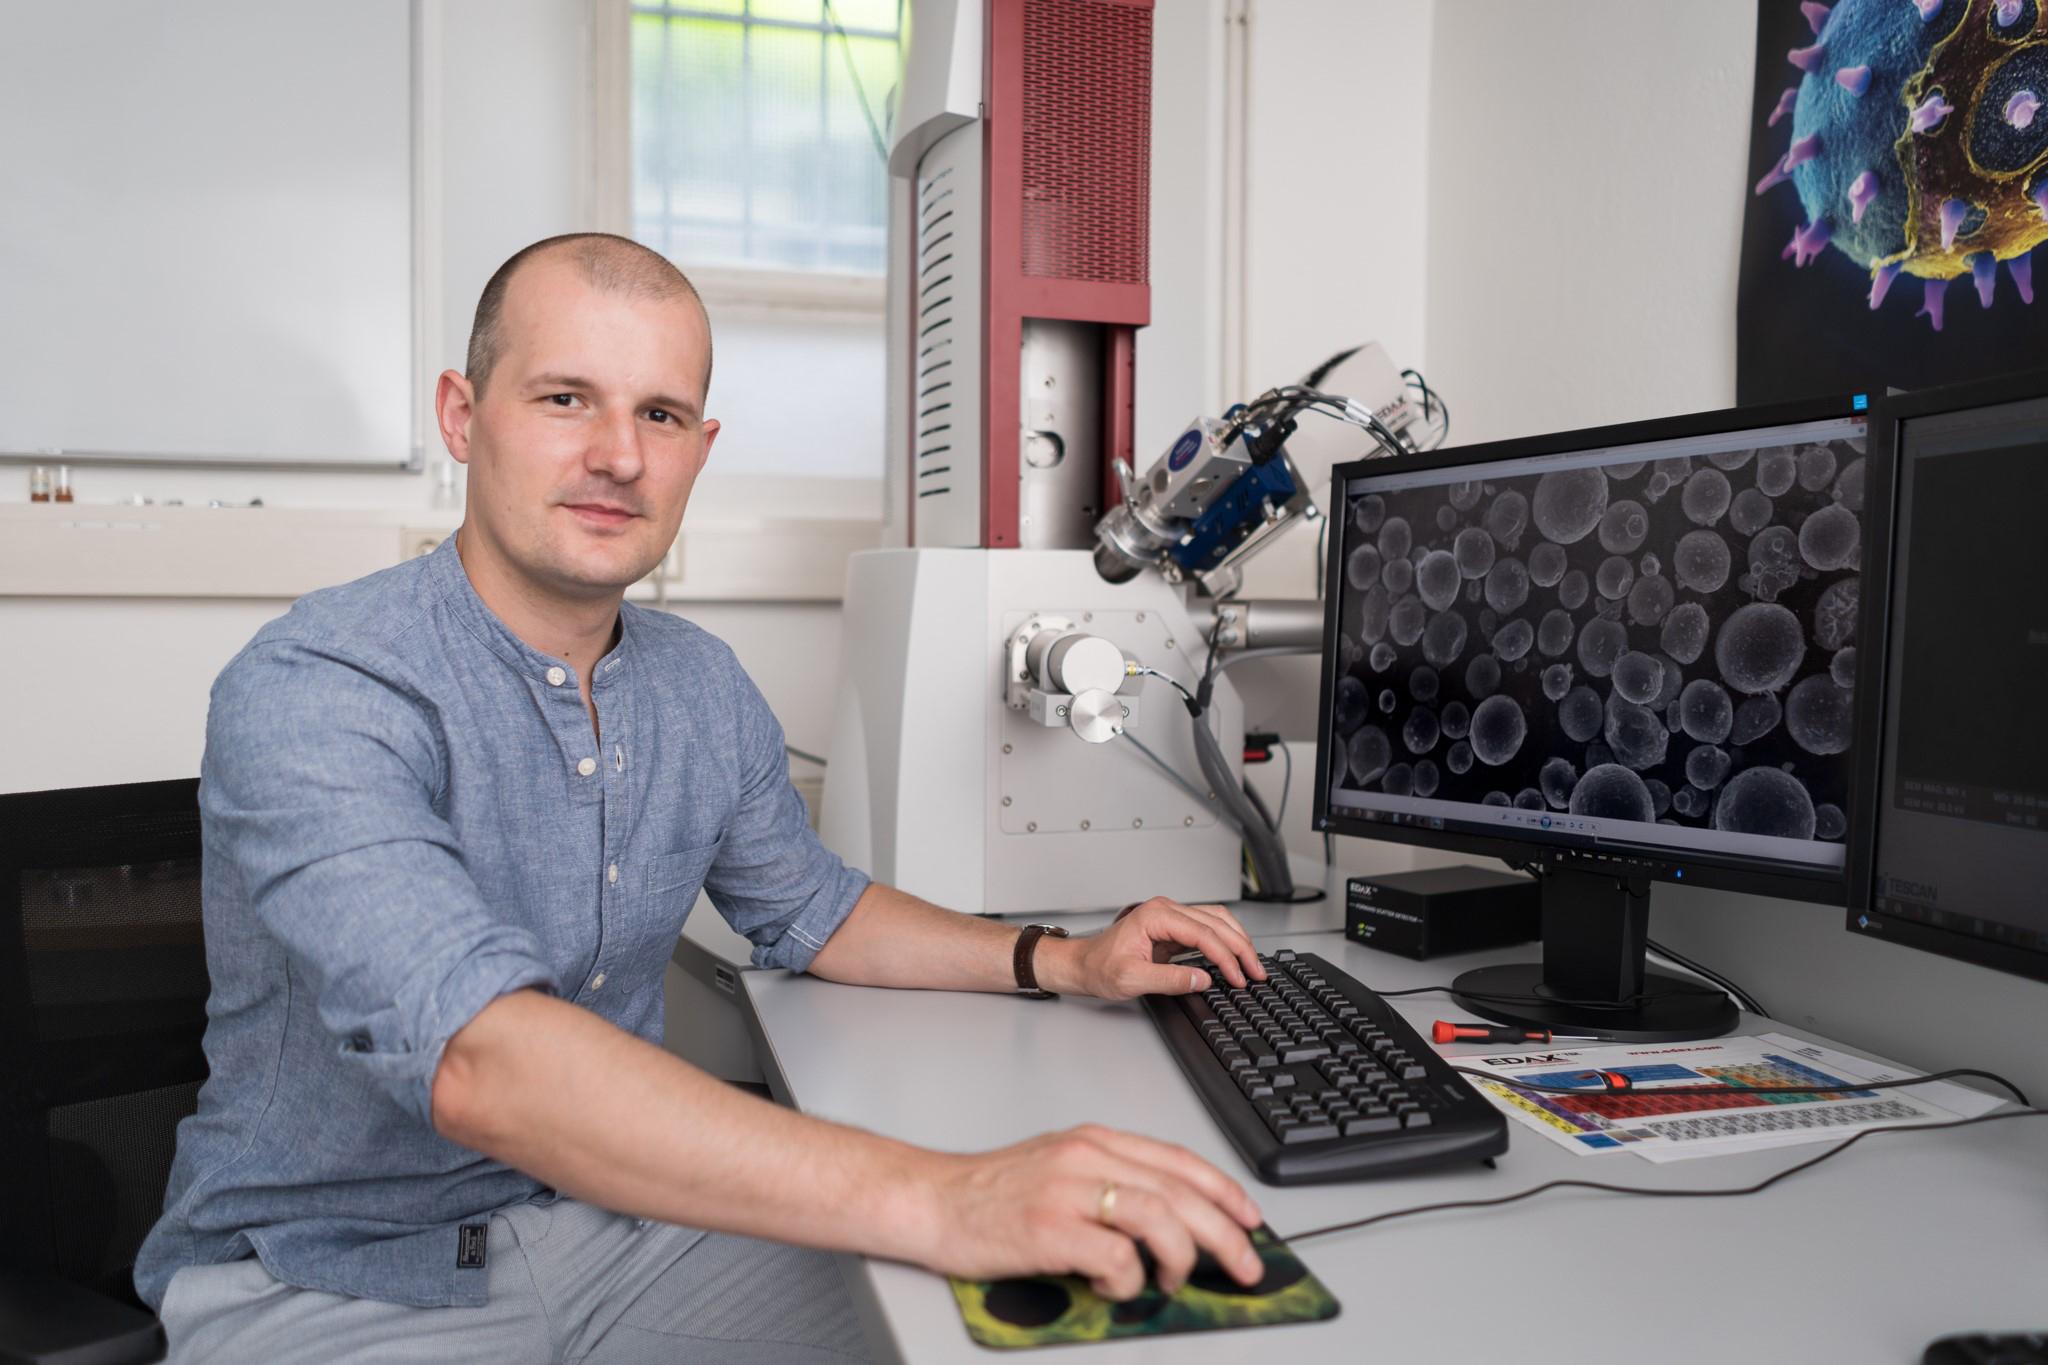 Mateusz Skalon hat ein innovatives Pulver für den 3D-Metalldruck entwickelt und arbeitet nun an dessen Marktreife